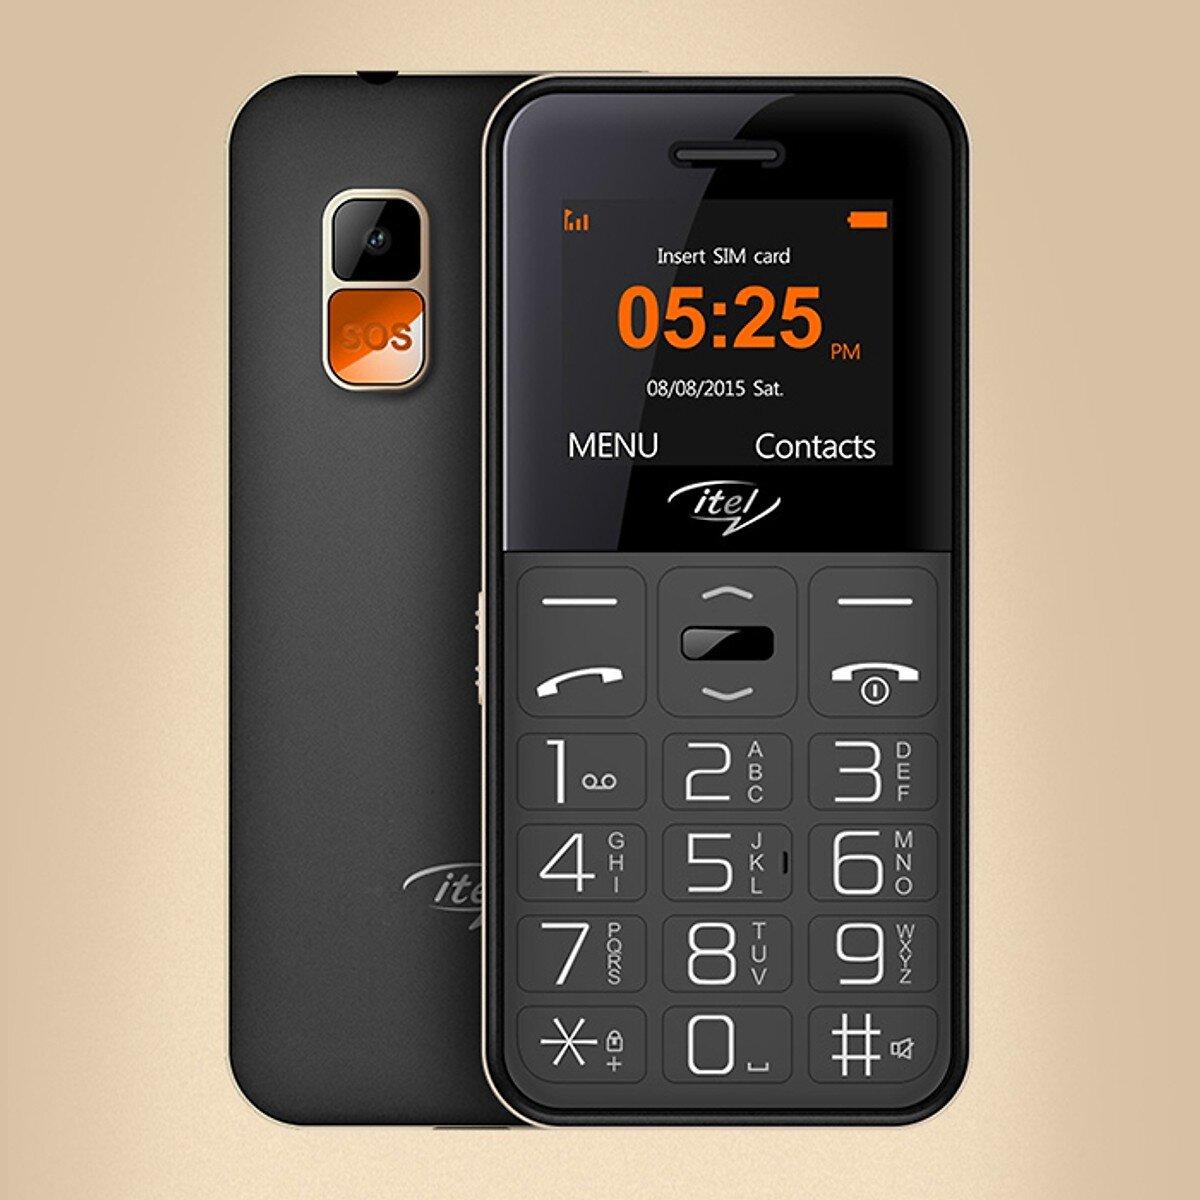 Điện thoại Itel it2580 2 SIM rất phù hợp cho người cao tuổi